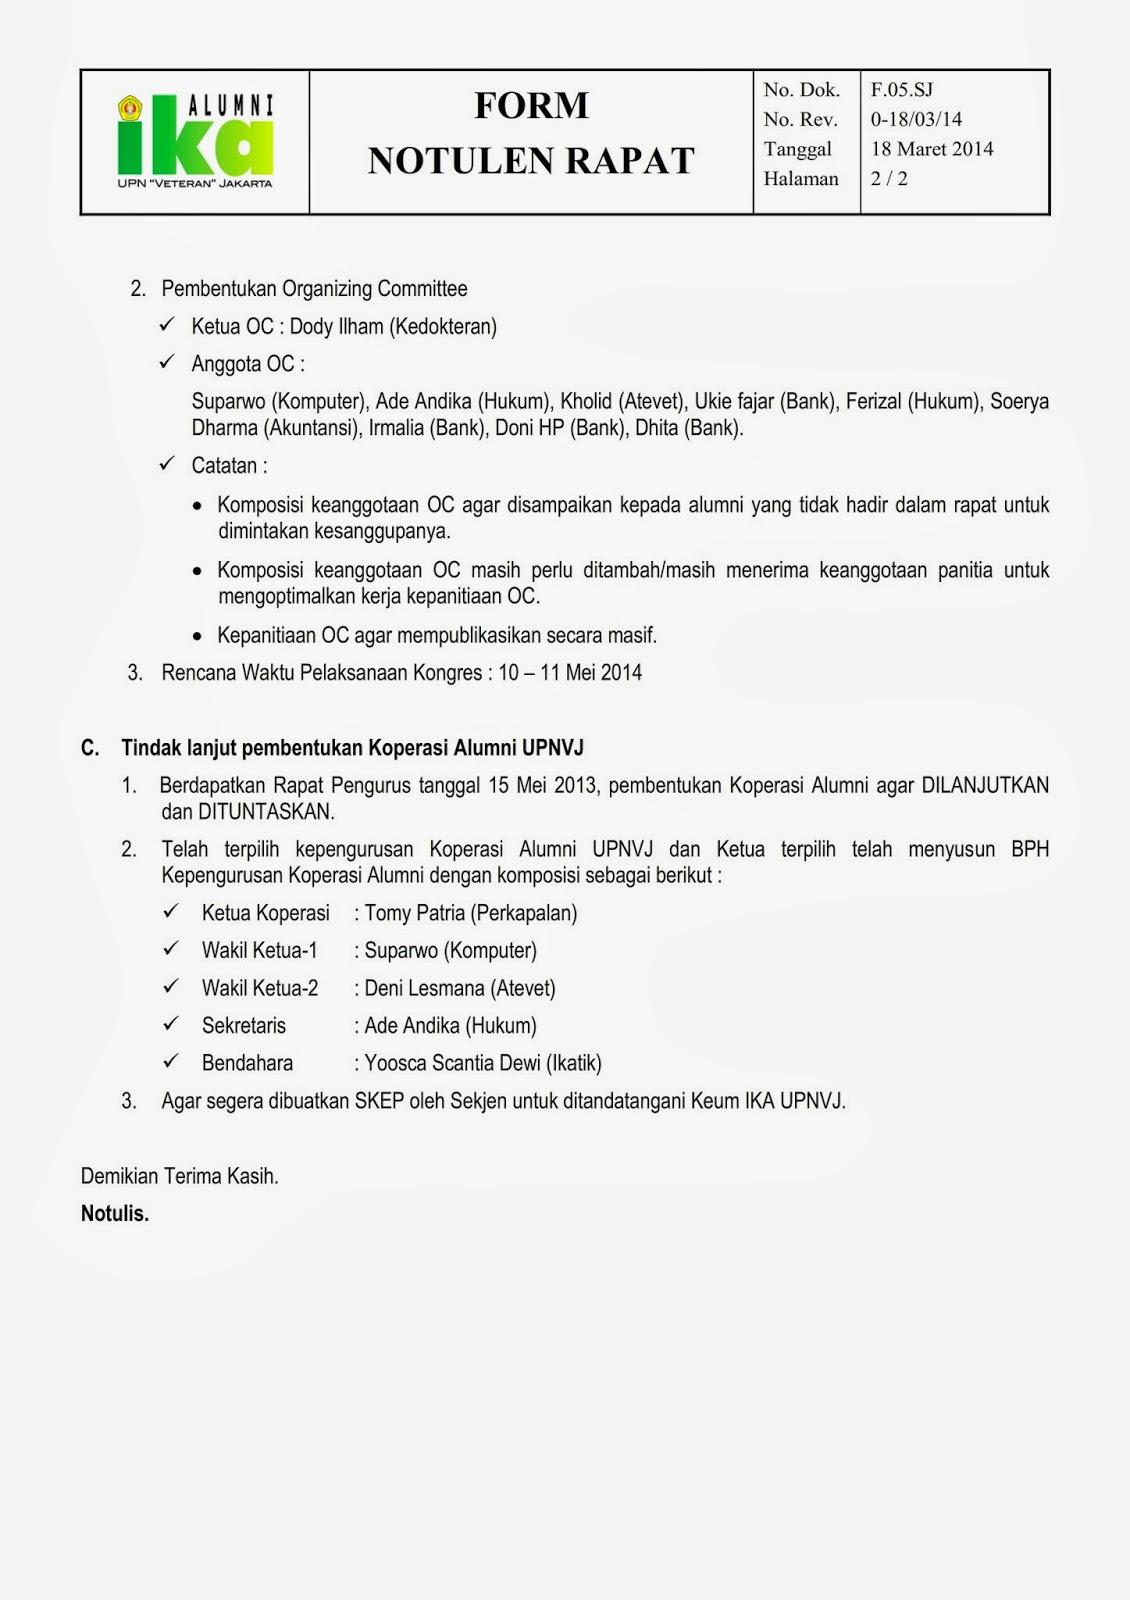 Notulen Rapat Organisasi